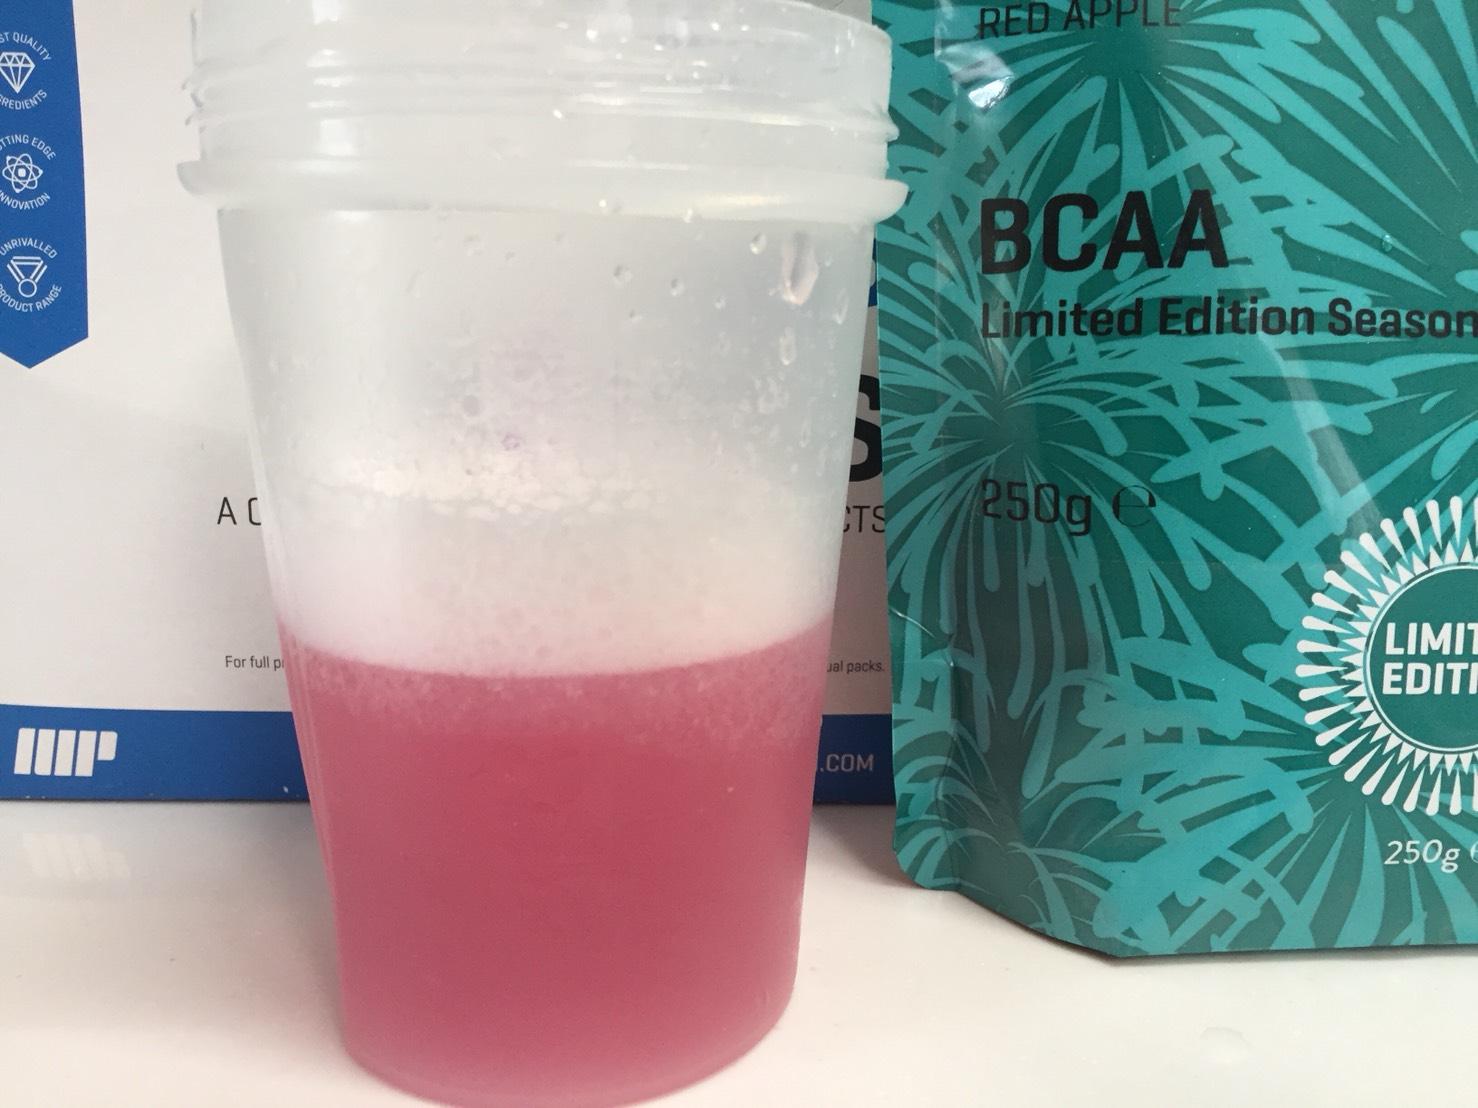 BCAAサマーフレーバー「RED APPLE(レッドアップル味)」を横から撮影した様子